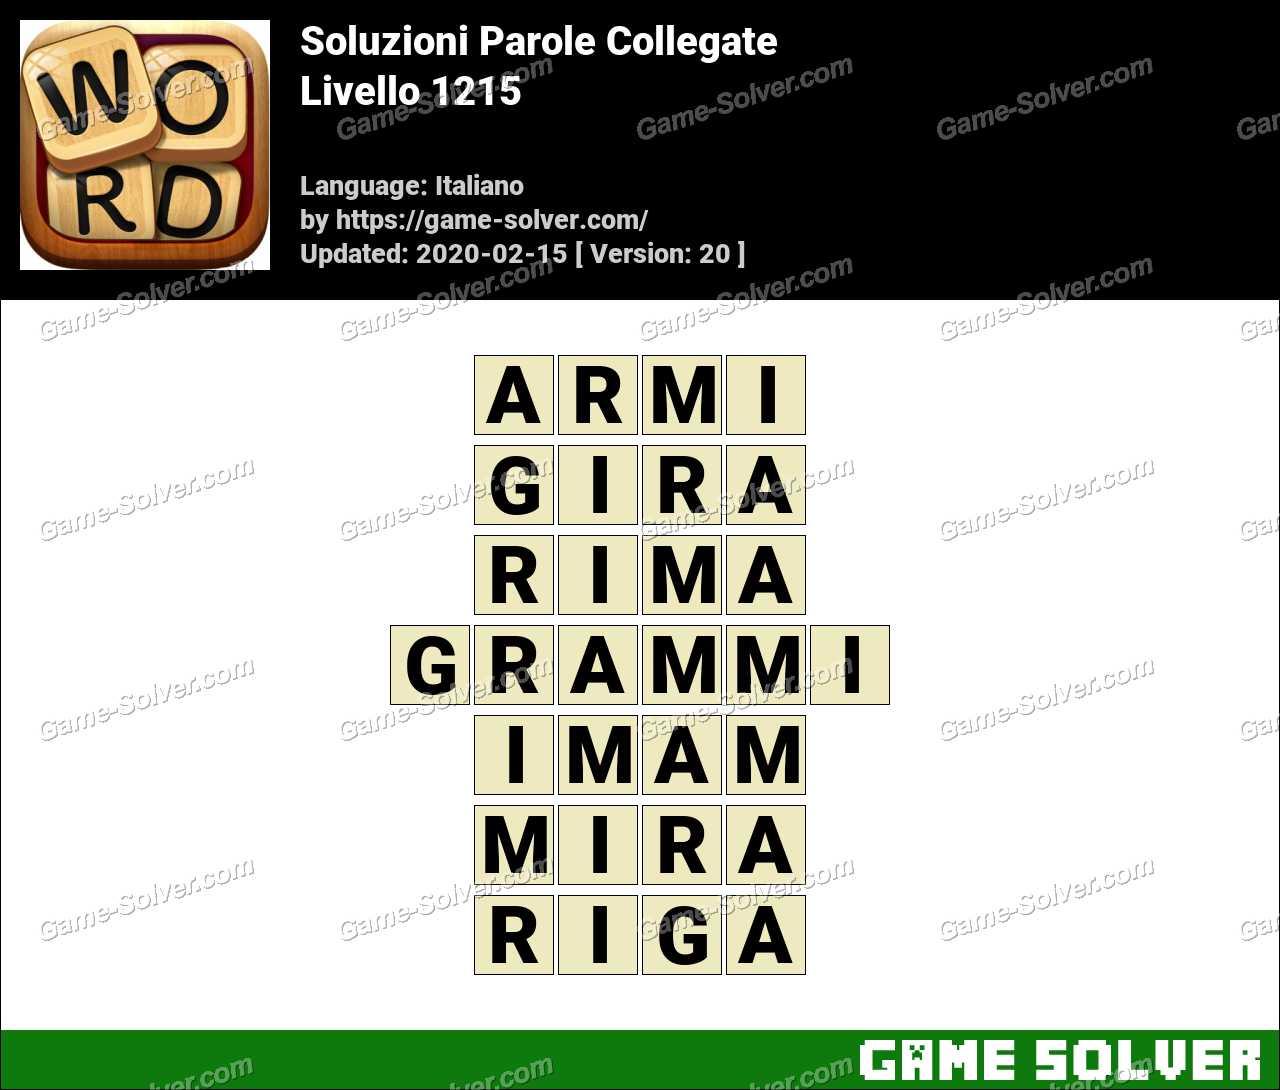 Soluzioni Parole Collegate Livello 1215